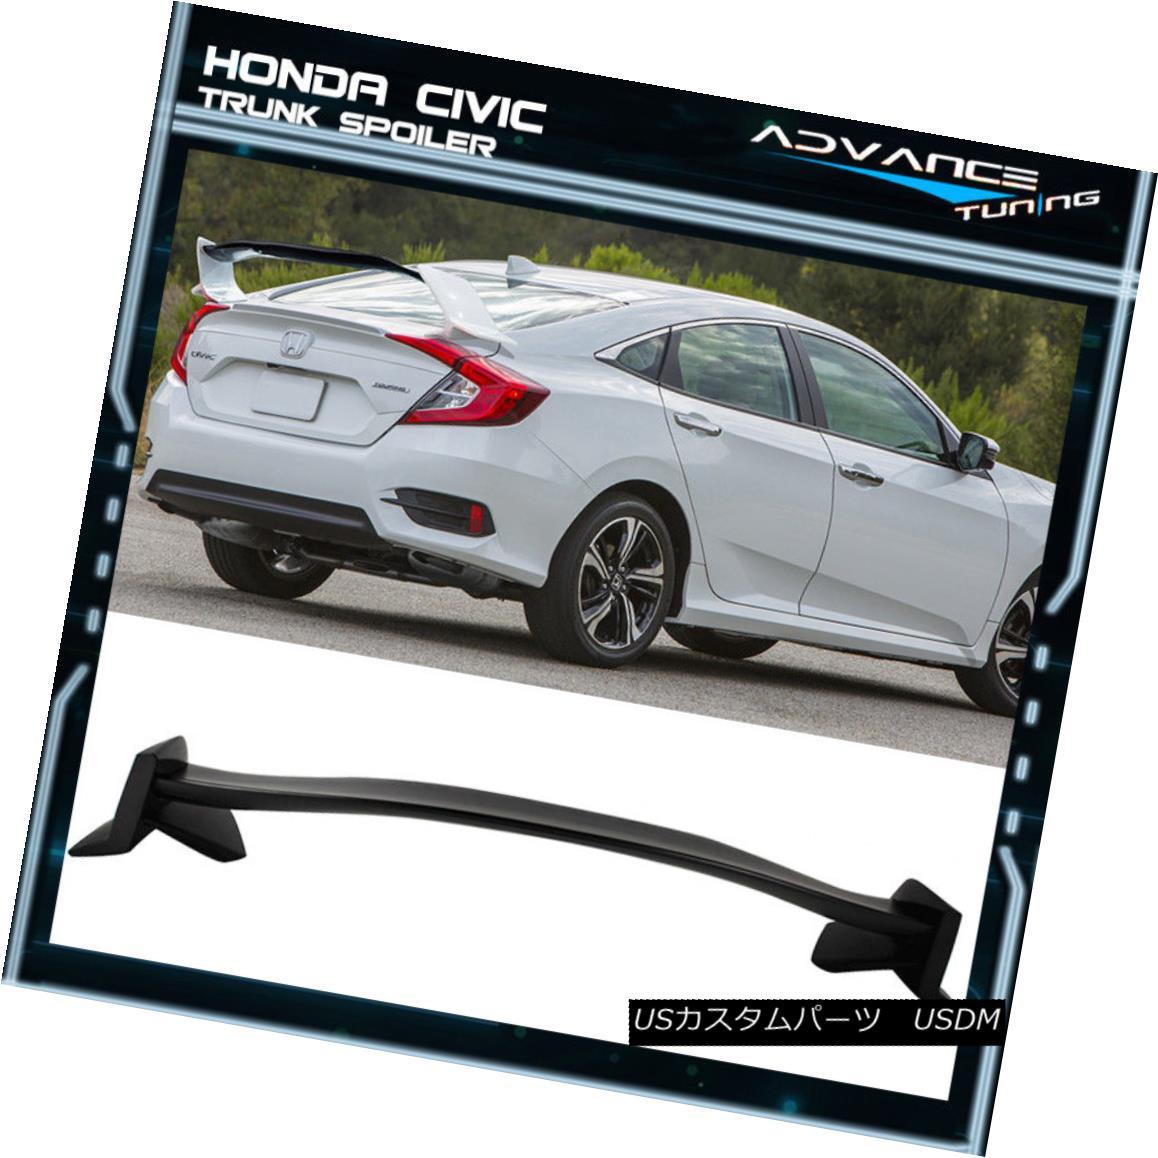 エアロパーツ 16-18 Honda Civic 10th X Sedan 4Dr Type-R Unpainted Trunk Spoiler Wing - ABS 16-18ホンダシビック10th Xセダン4Drタイプ-R無塗装トランクスポイラーウイング - ABS